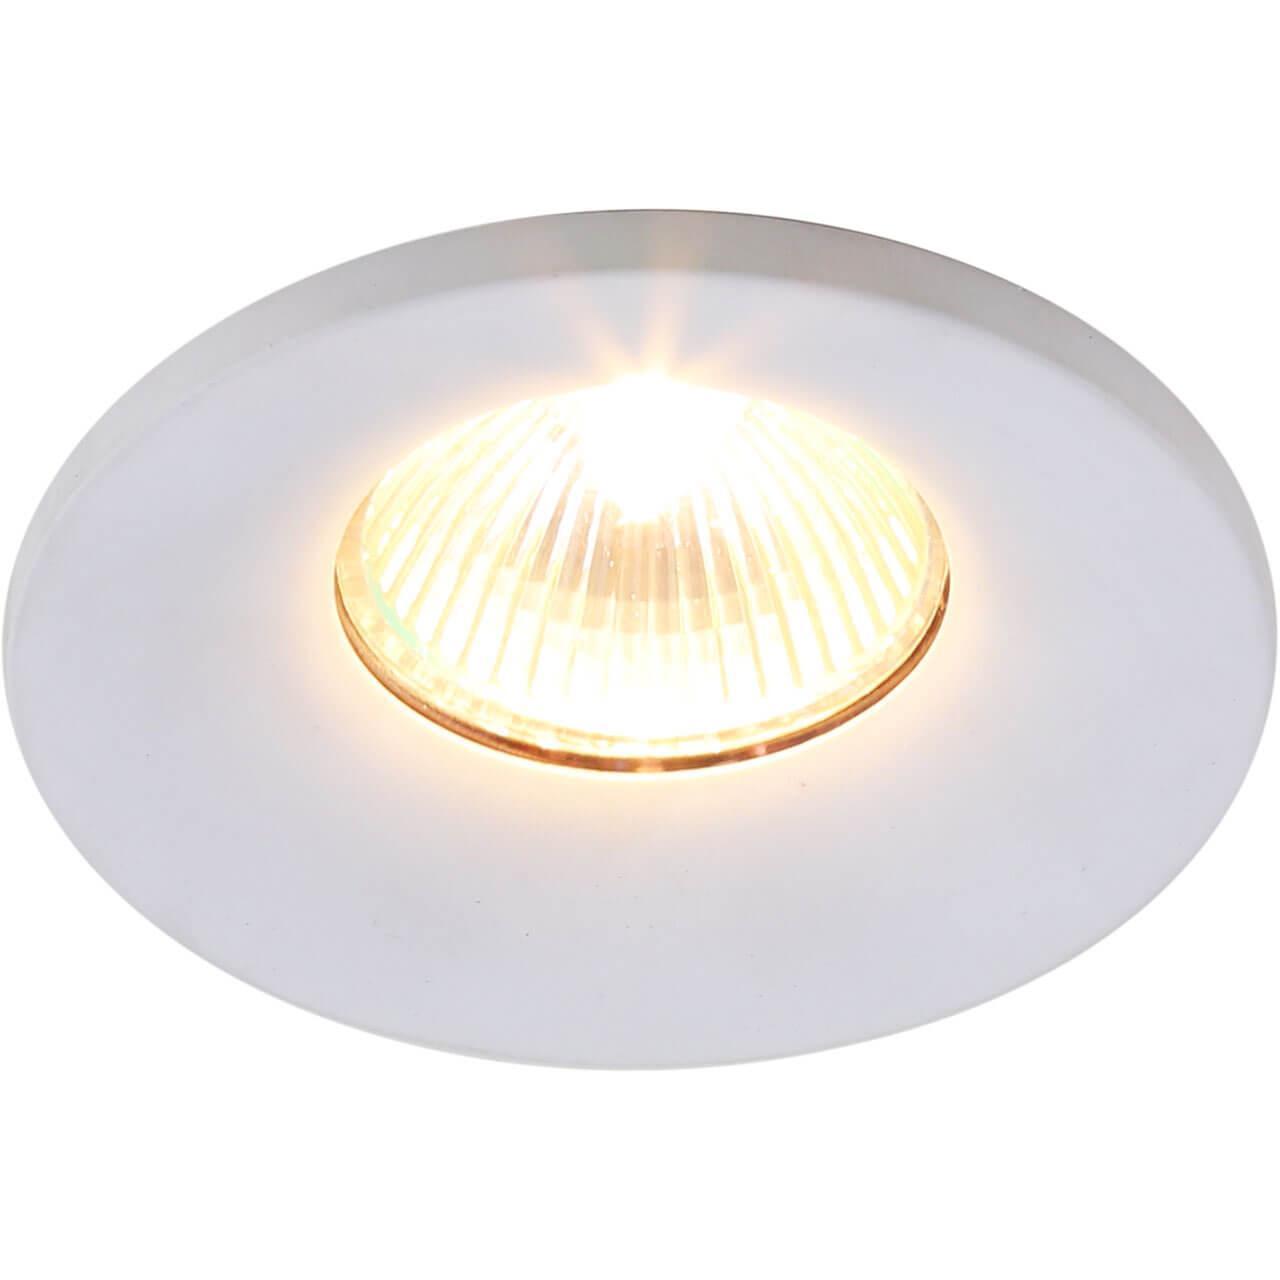 Встраиваемый светильник Divinare Monello 1809/03 PL-1 встраиваемый светильник divinare monello 1809 02 pl 1